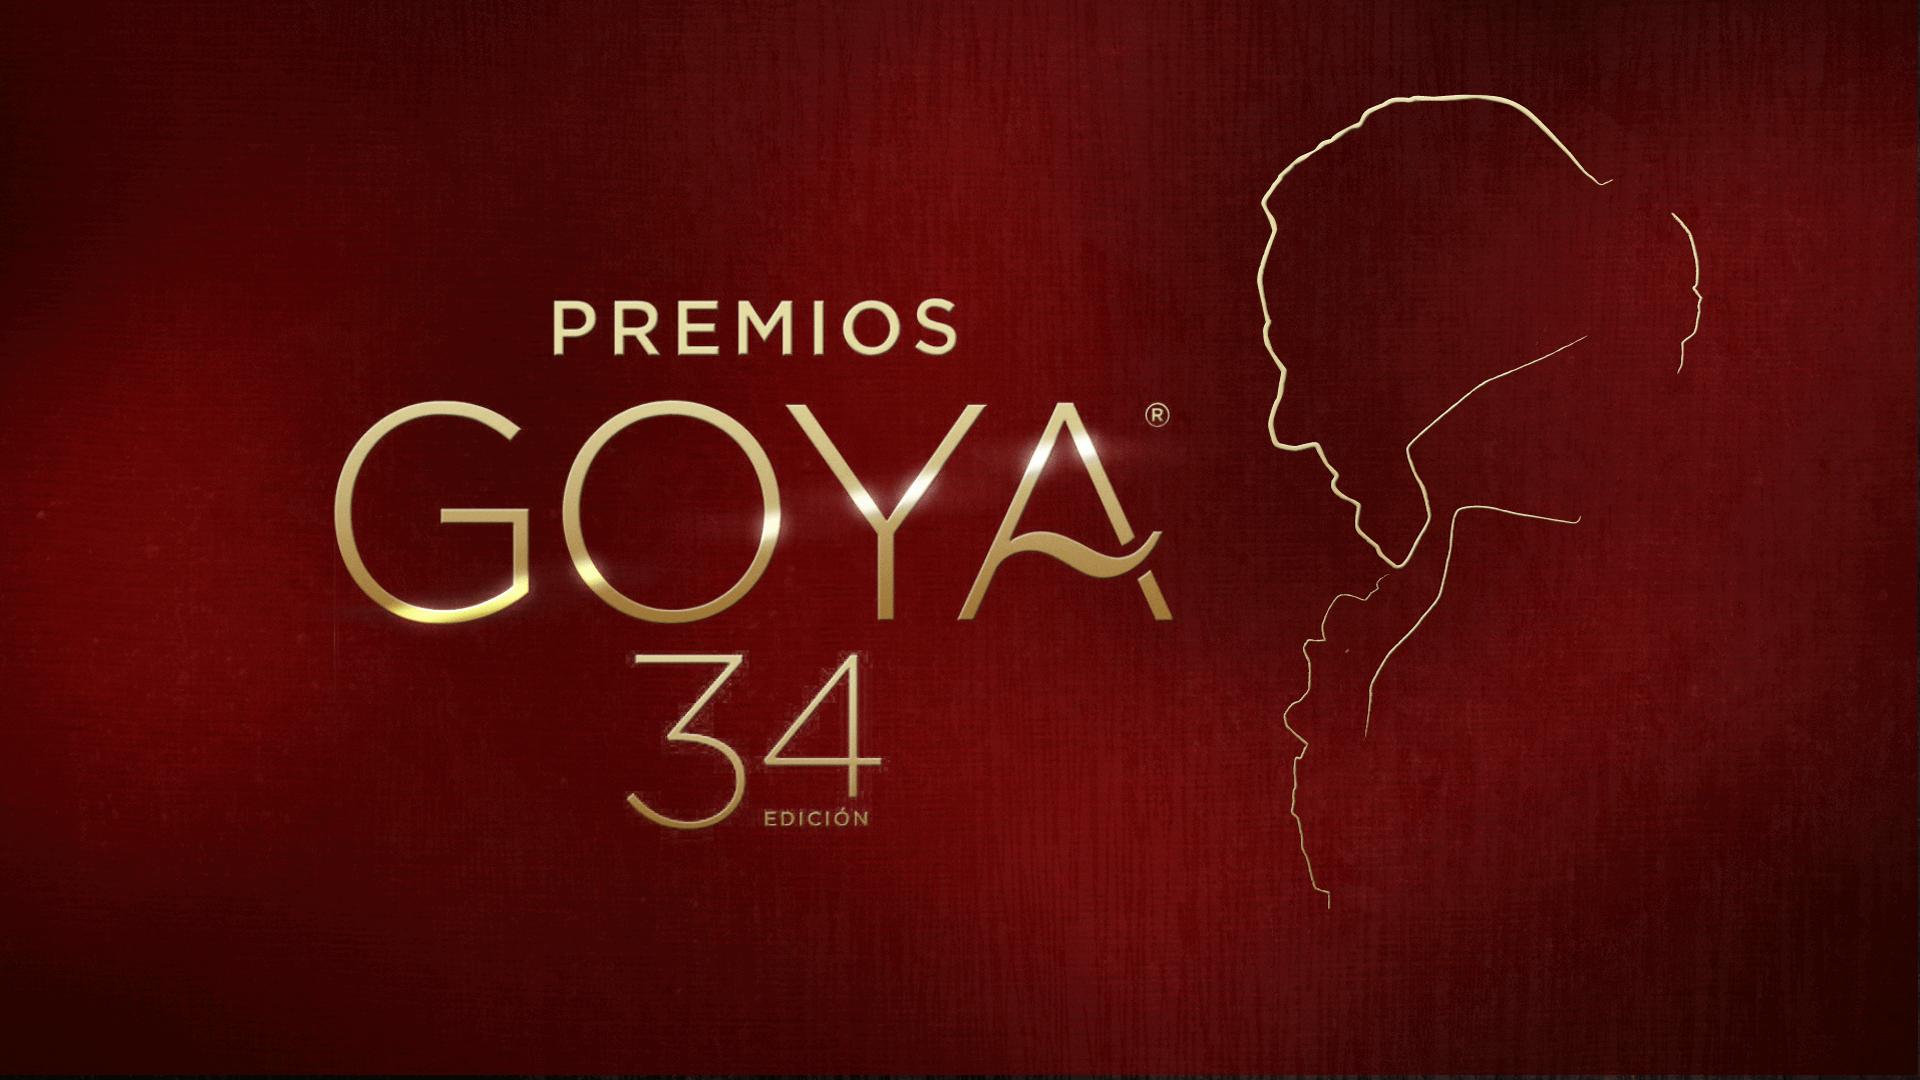 GOYAS_RETRO